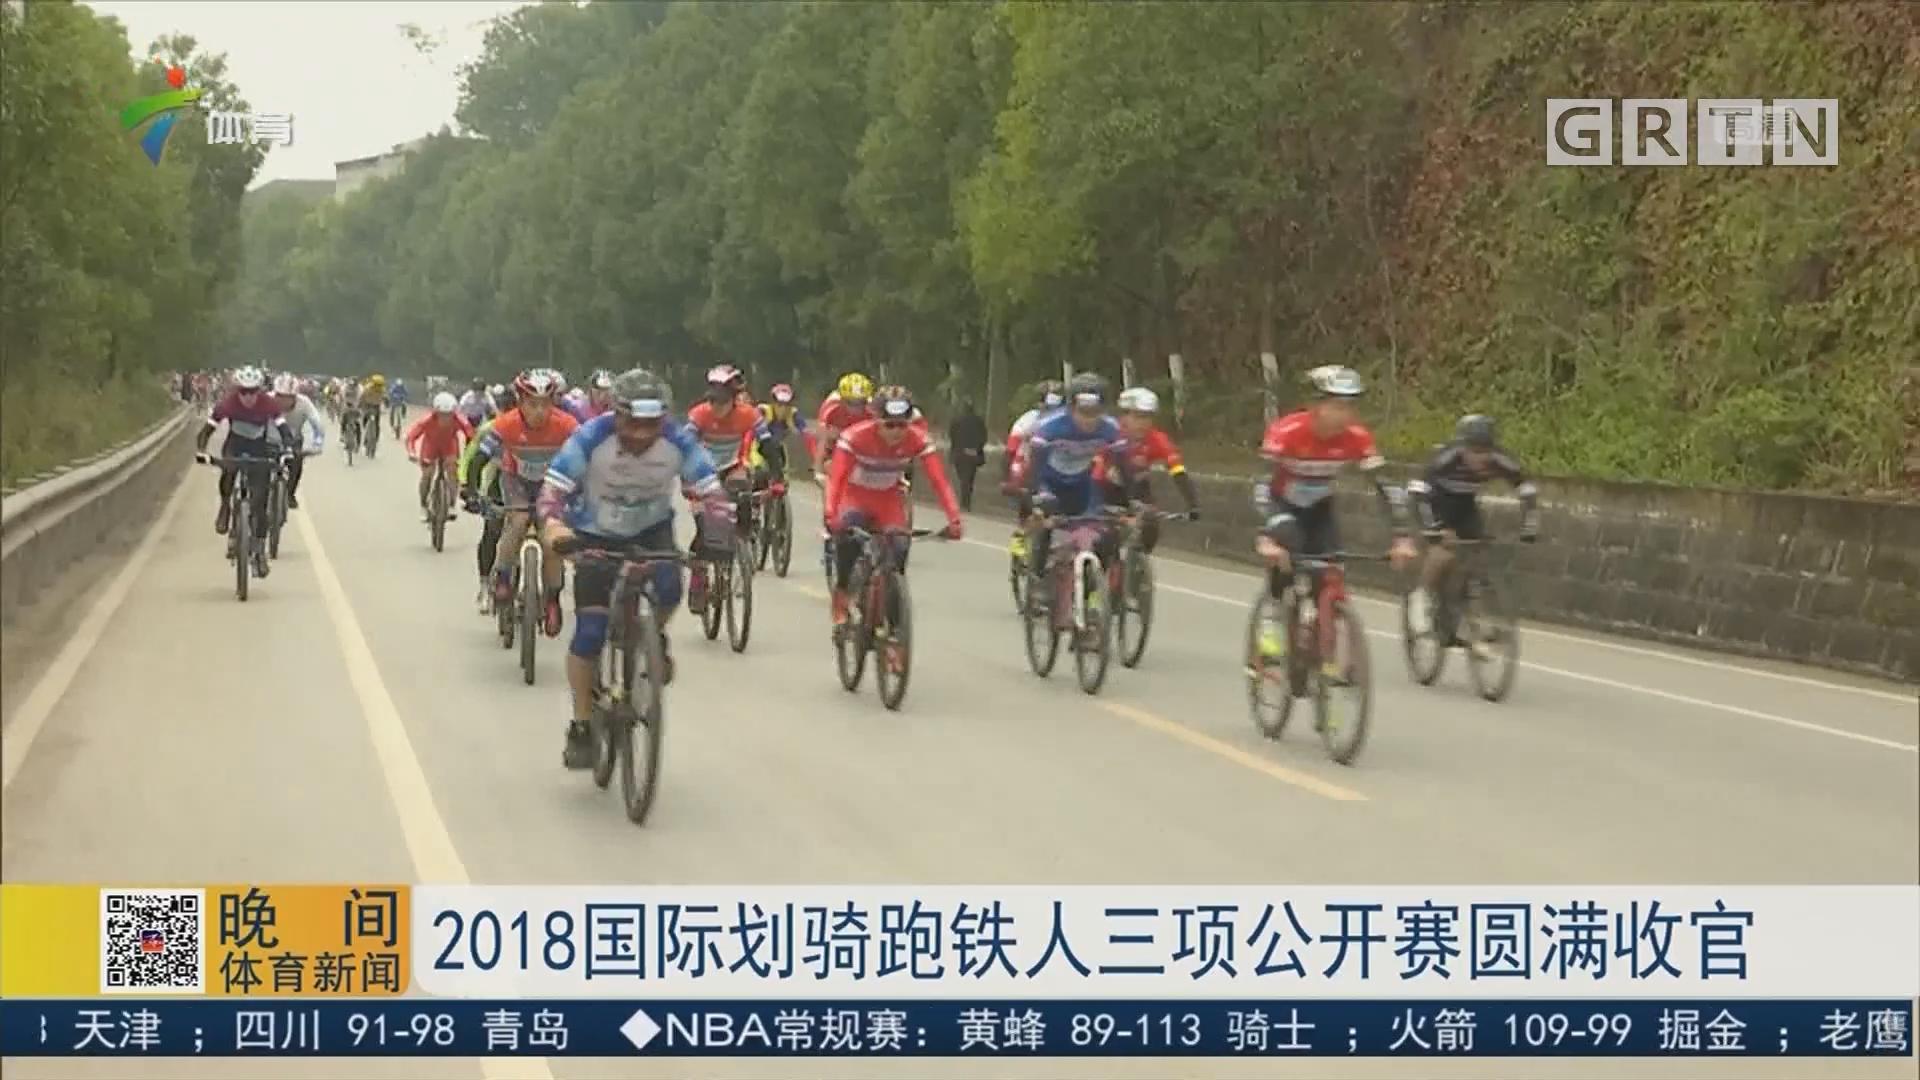 2018国际划骑跑铁人三项公开赛圆满收官